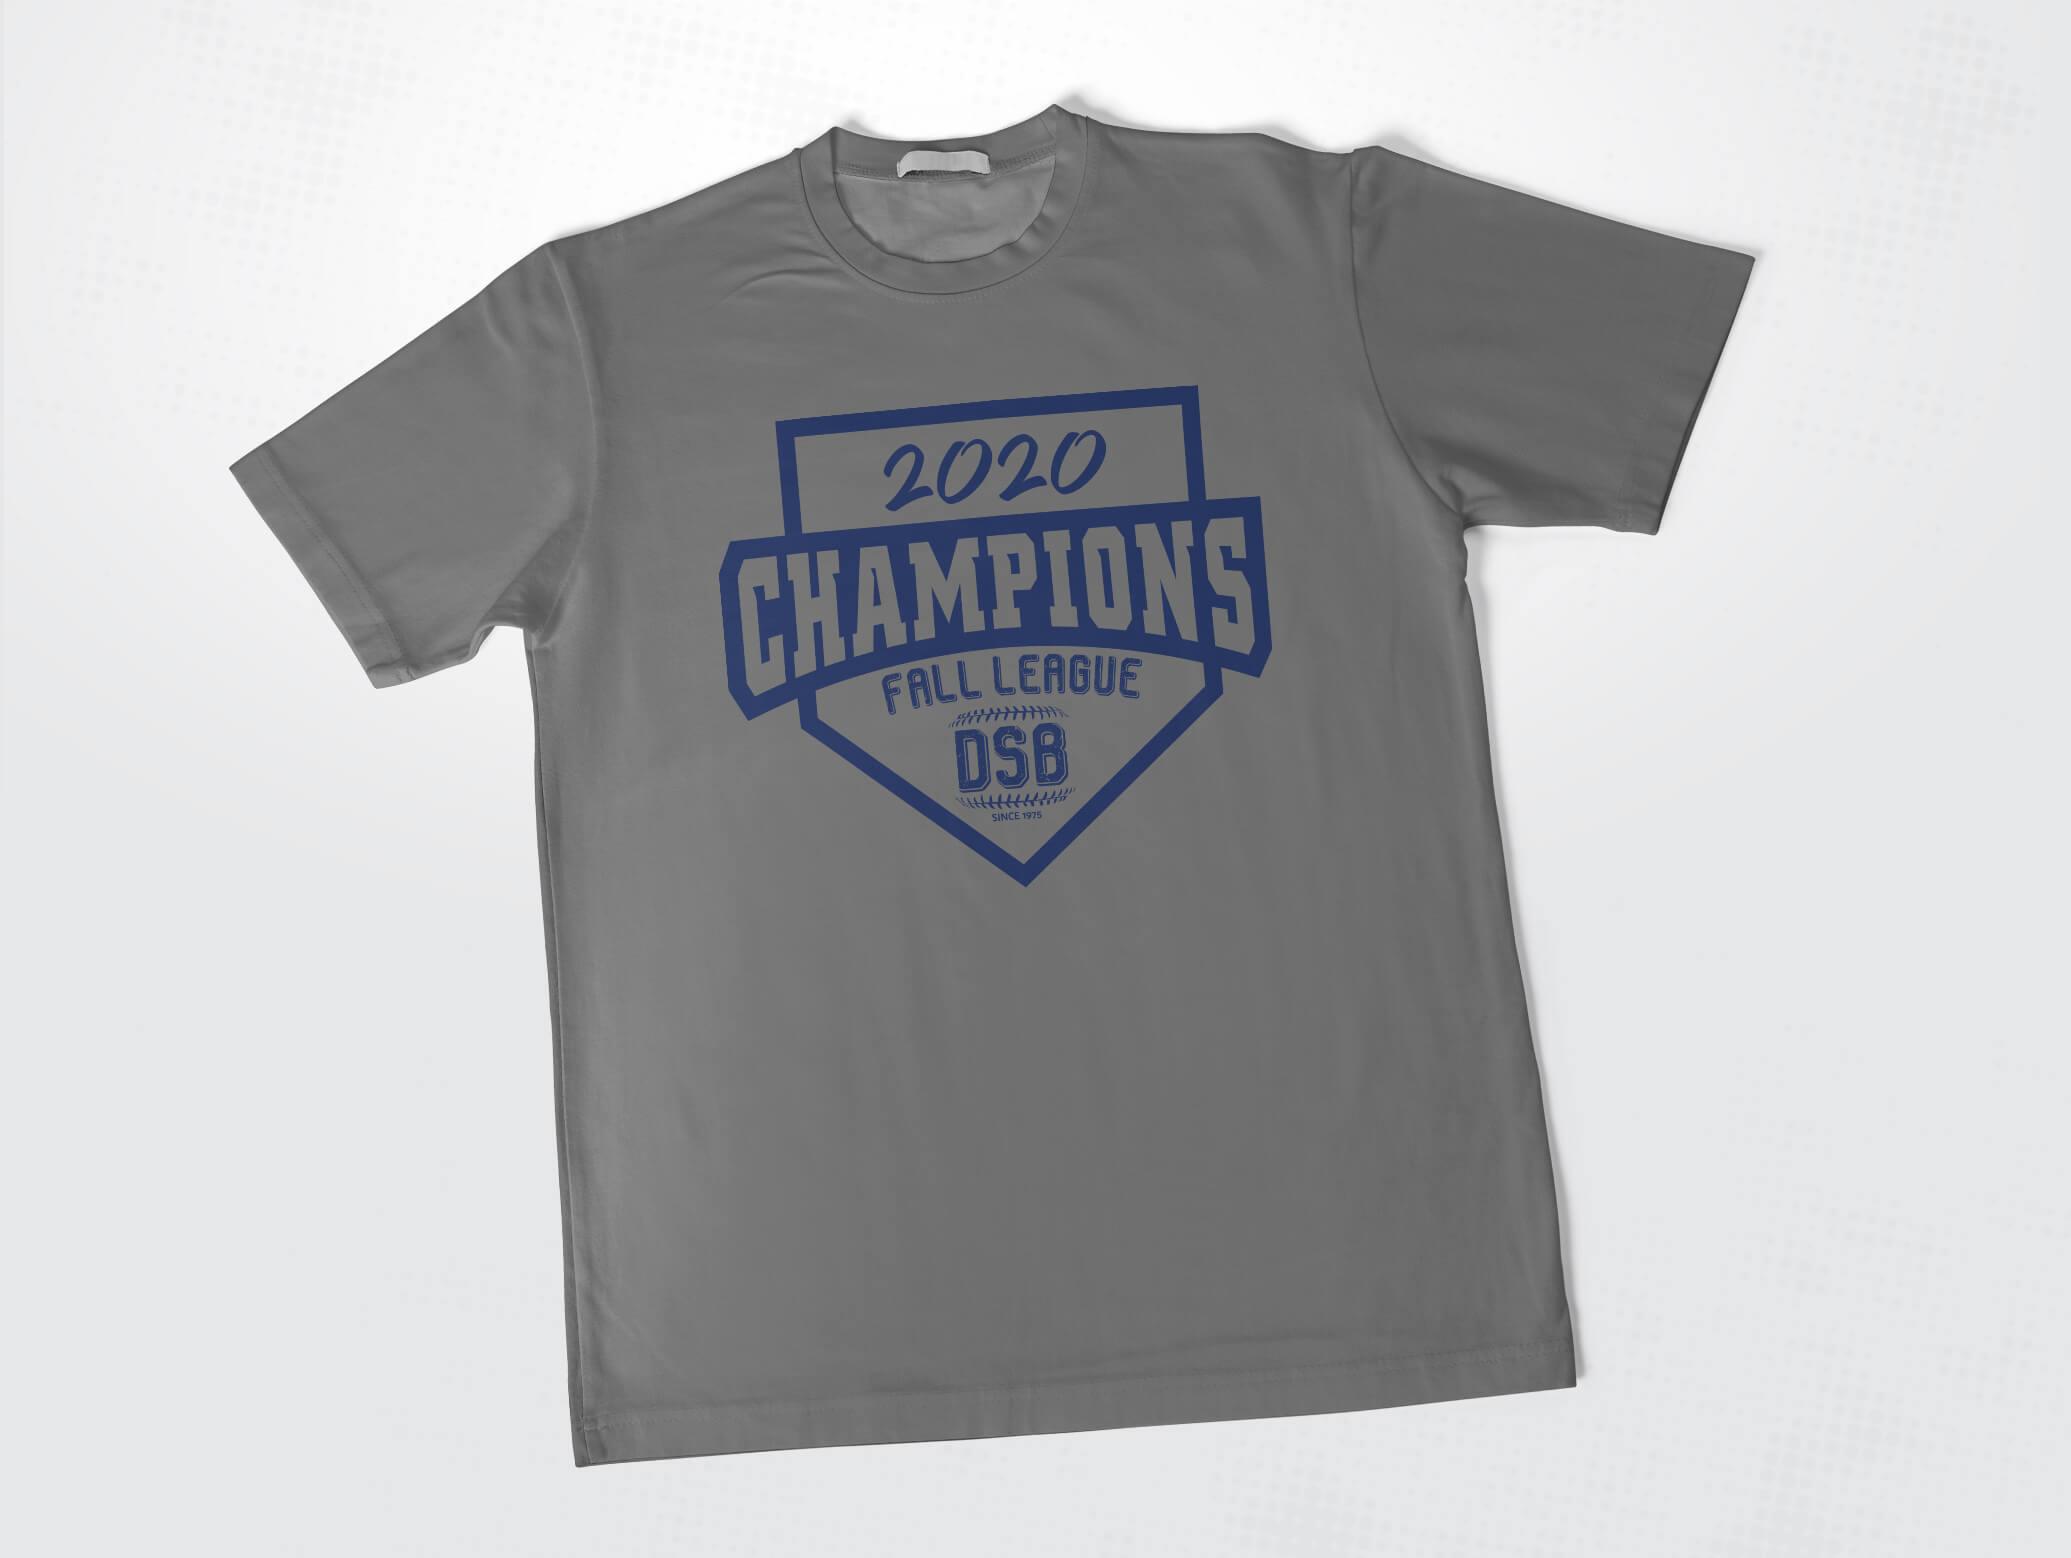 dunwoody senior baseball league t-shirt